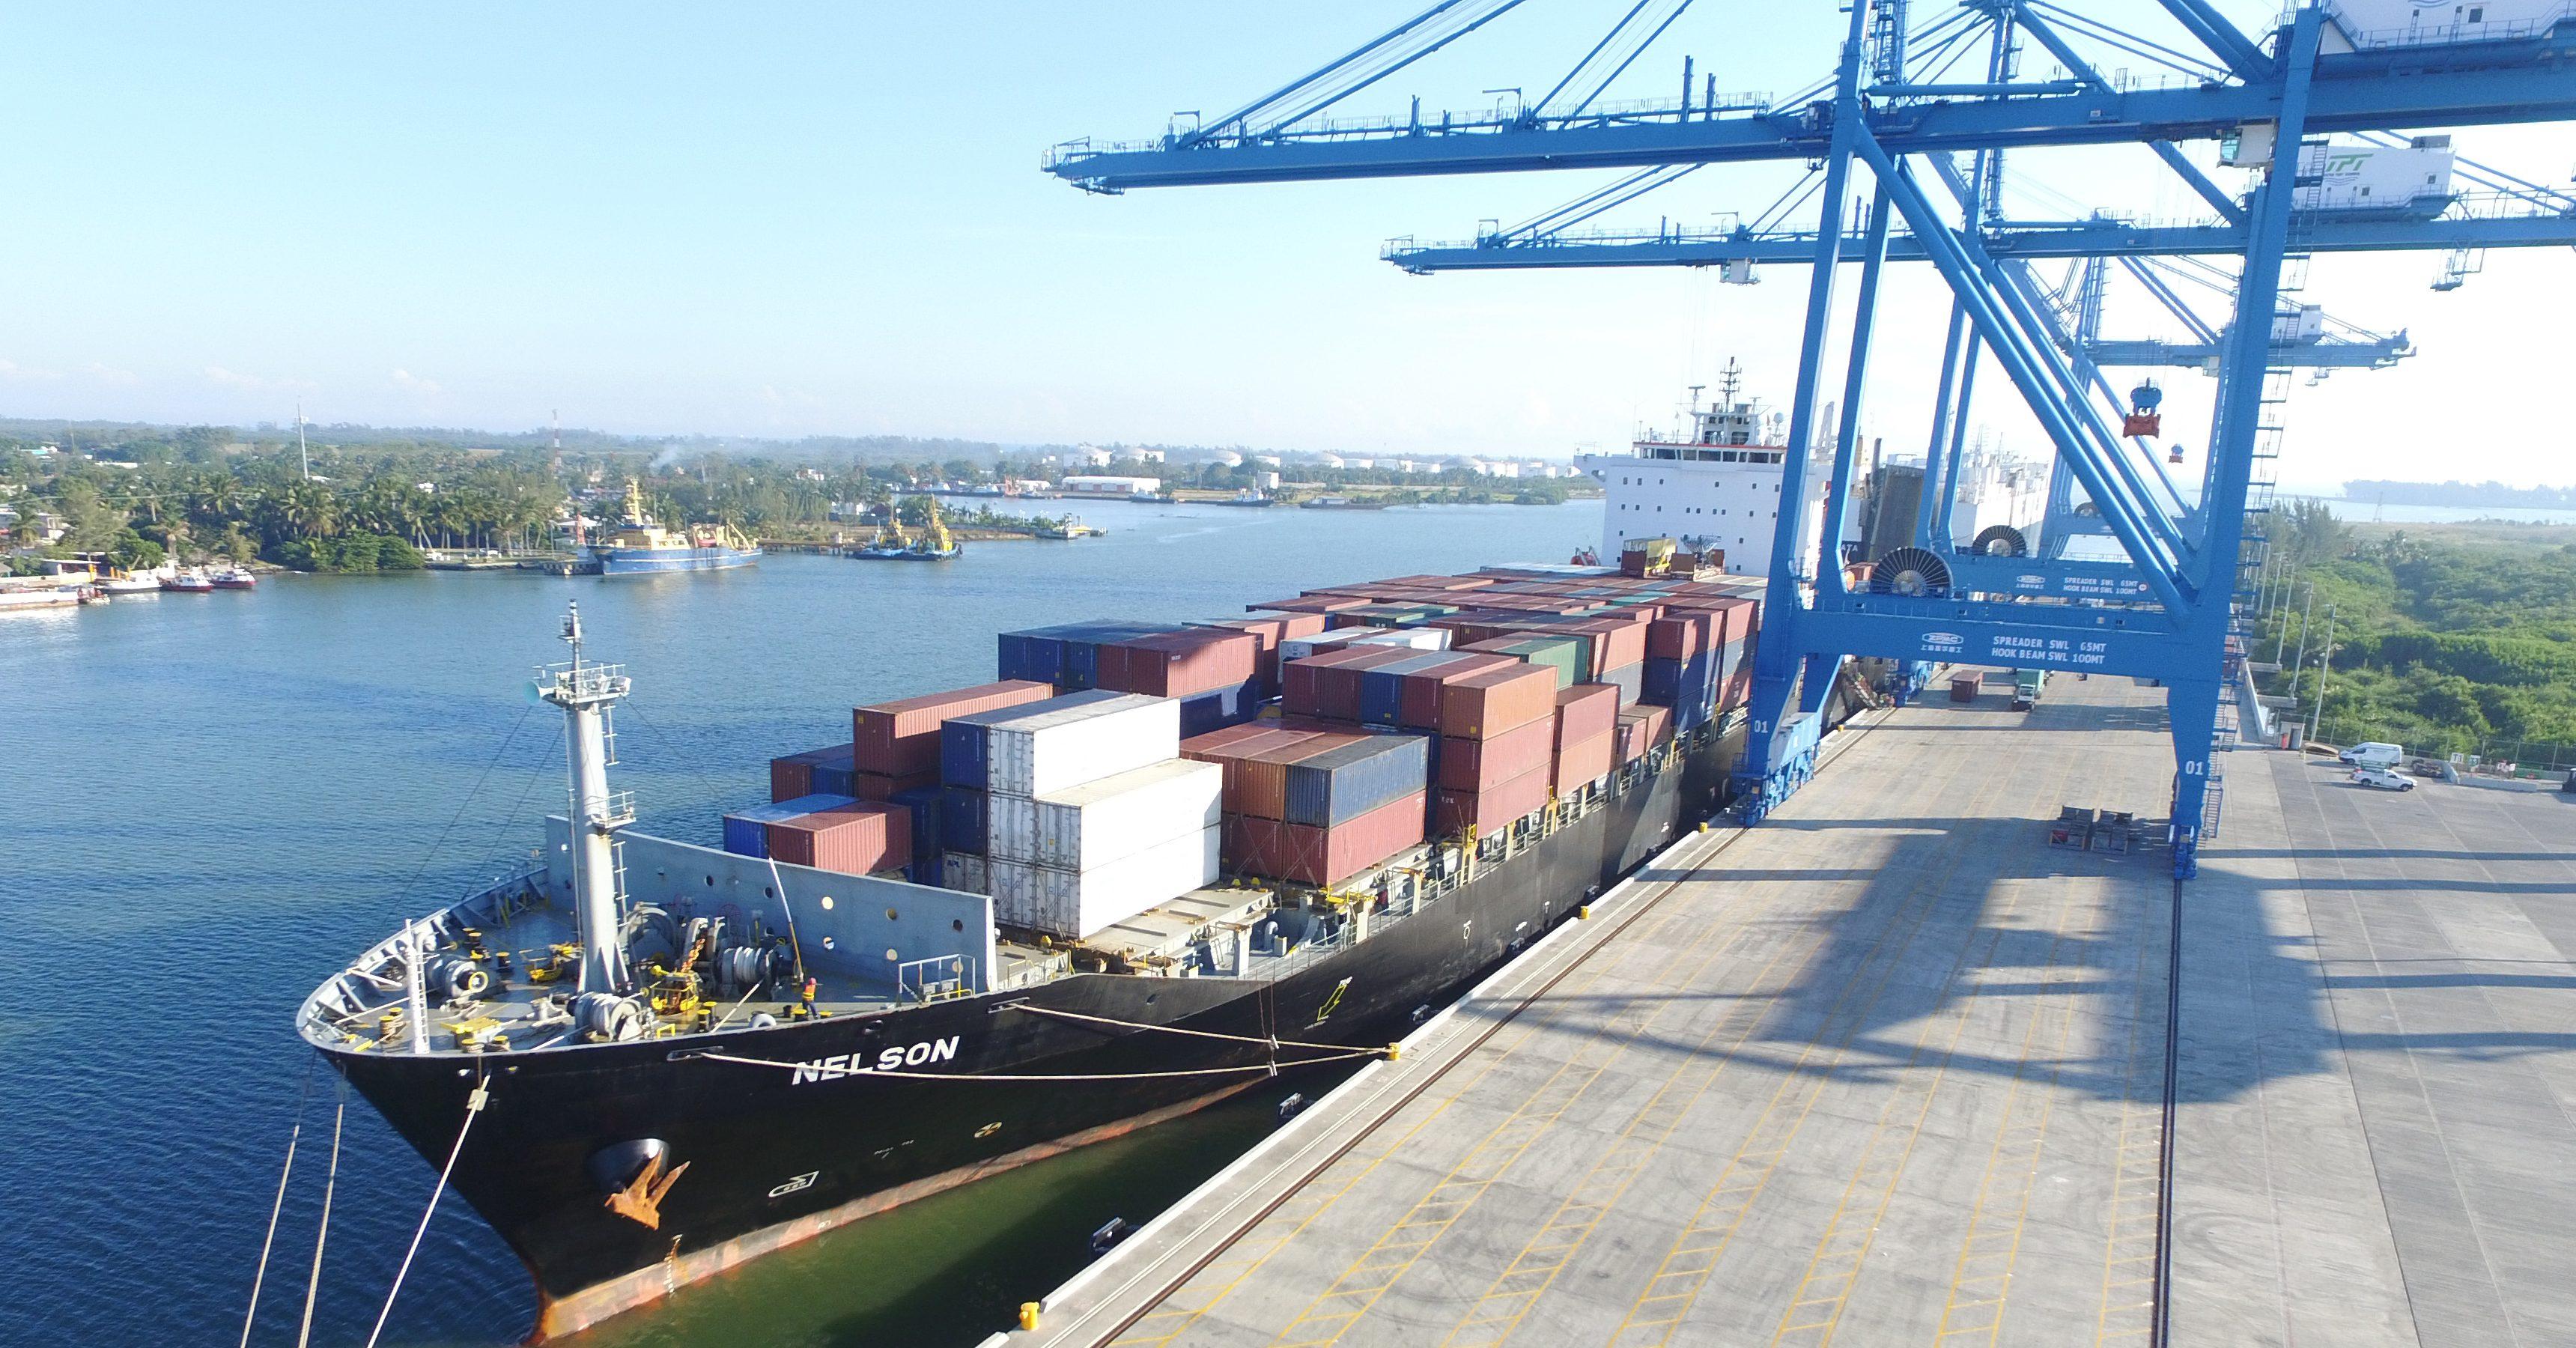 Caída en comercio internacional de Veracruz y una caída en carga contenerizada y carga general